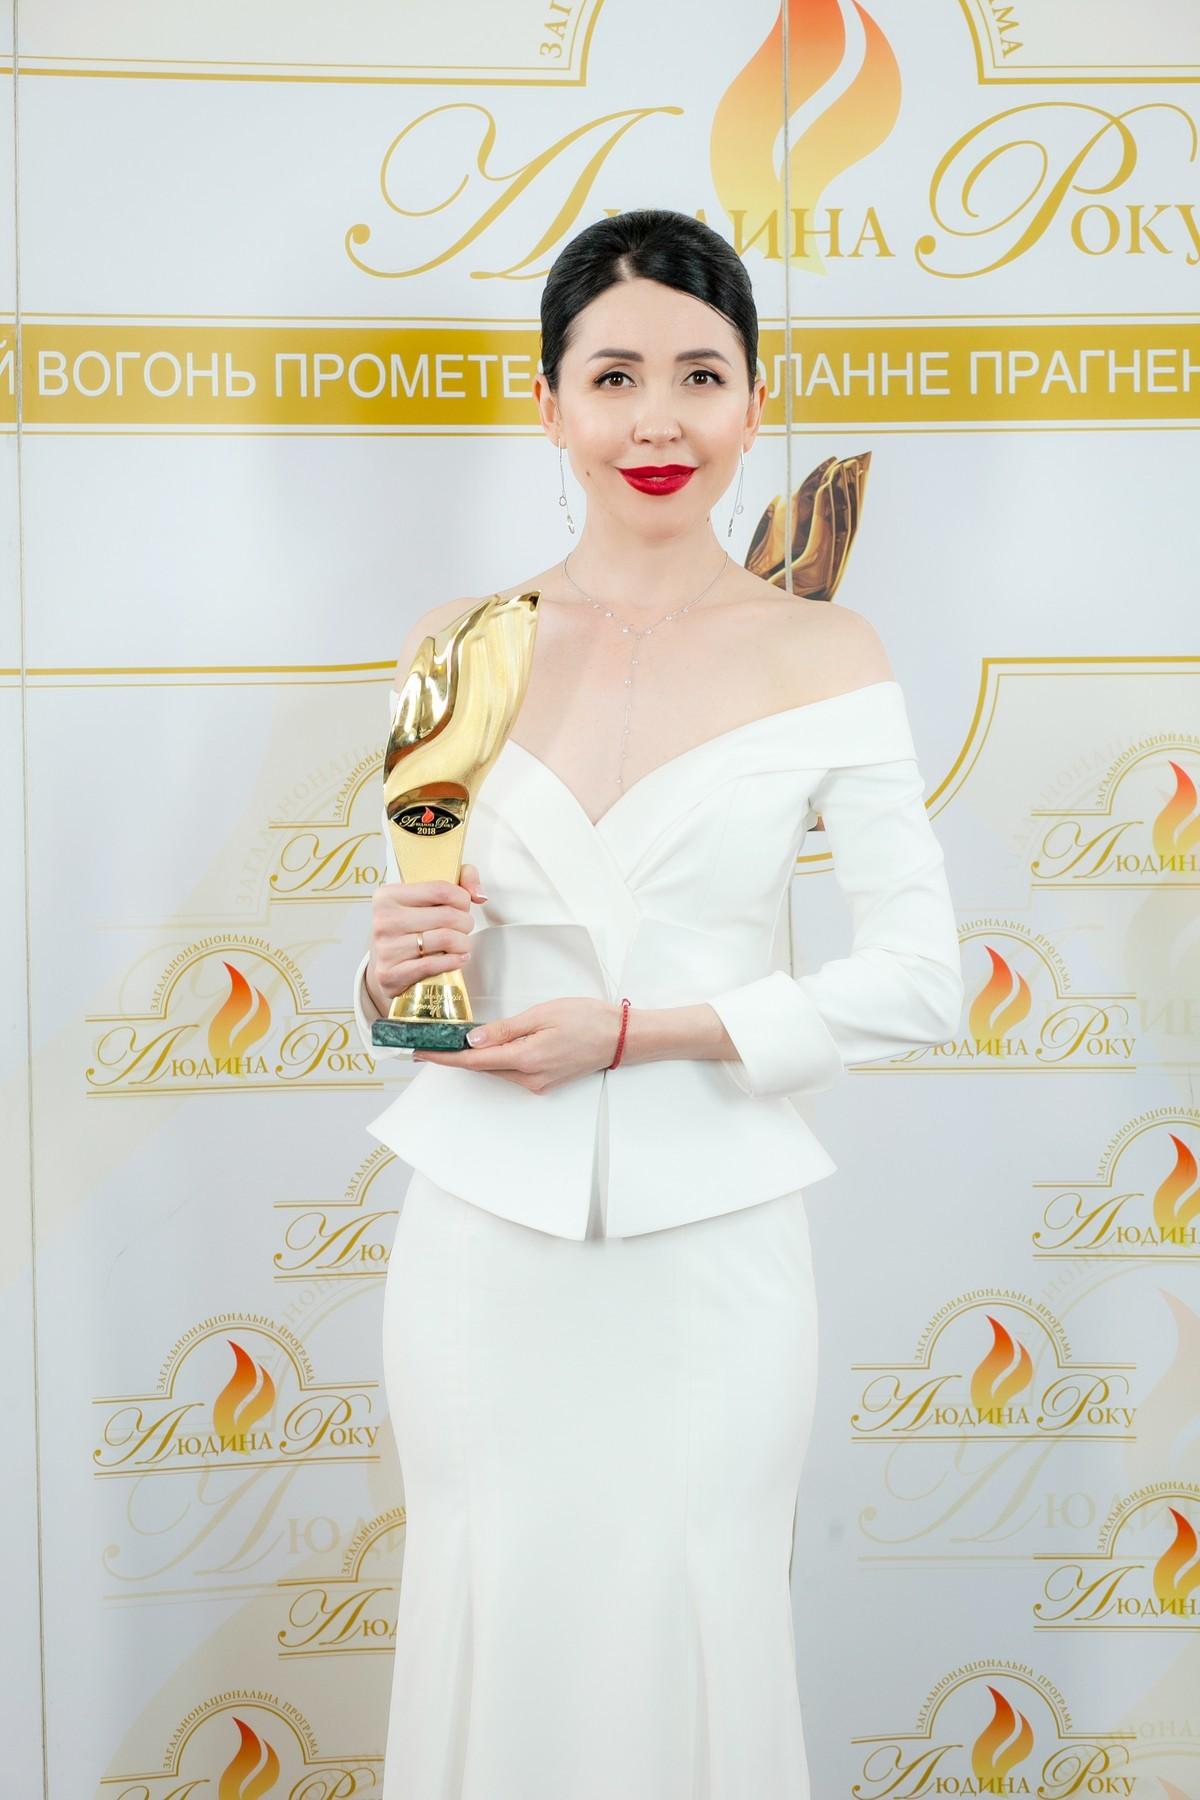 Человек года – 2018 награждение победителей 23 общенациональной премии Петракова